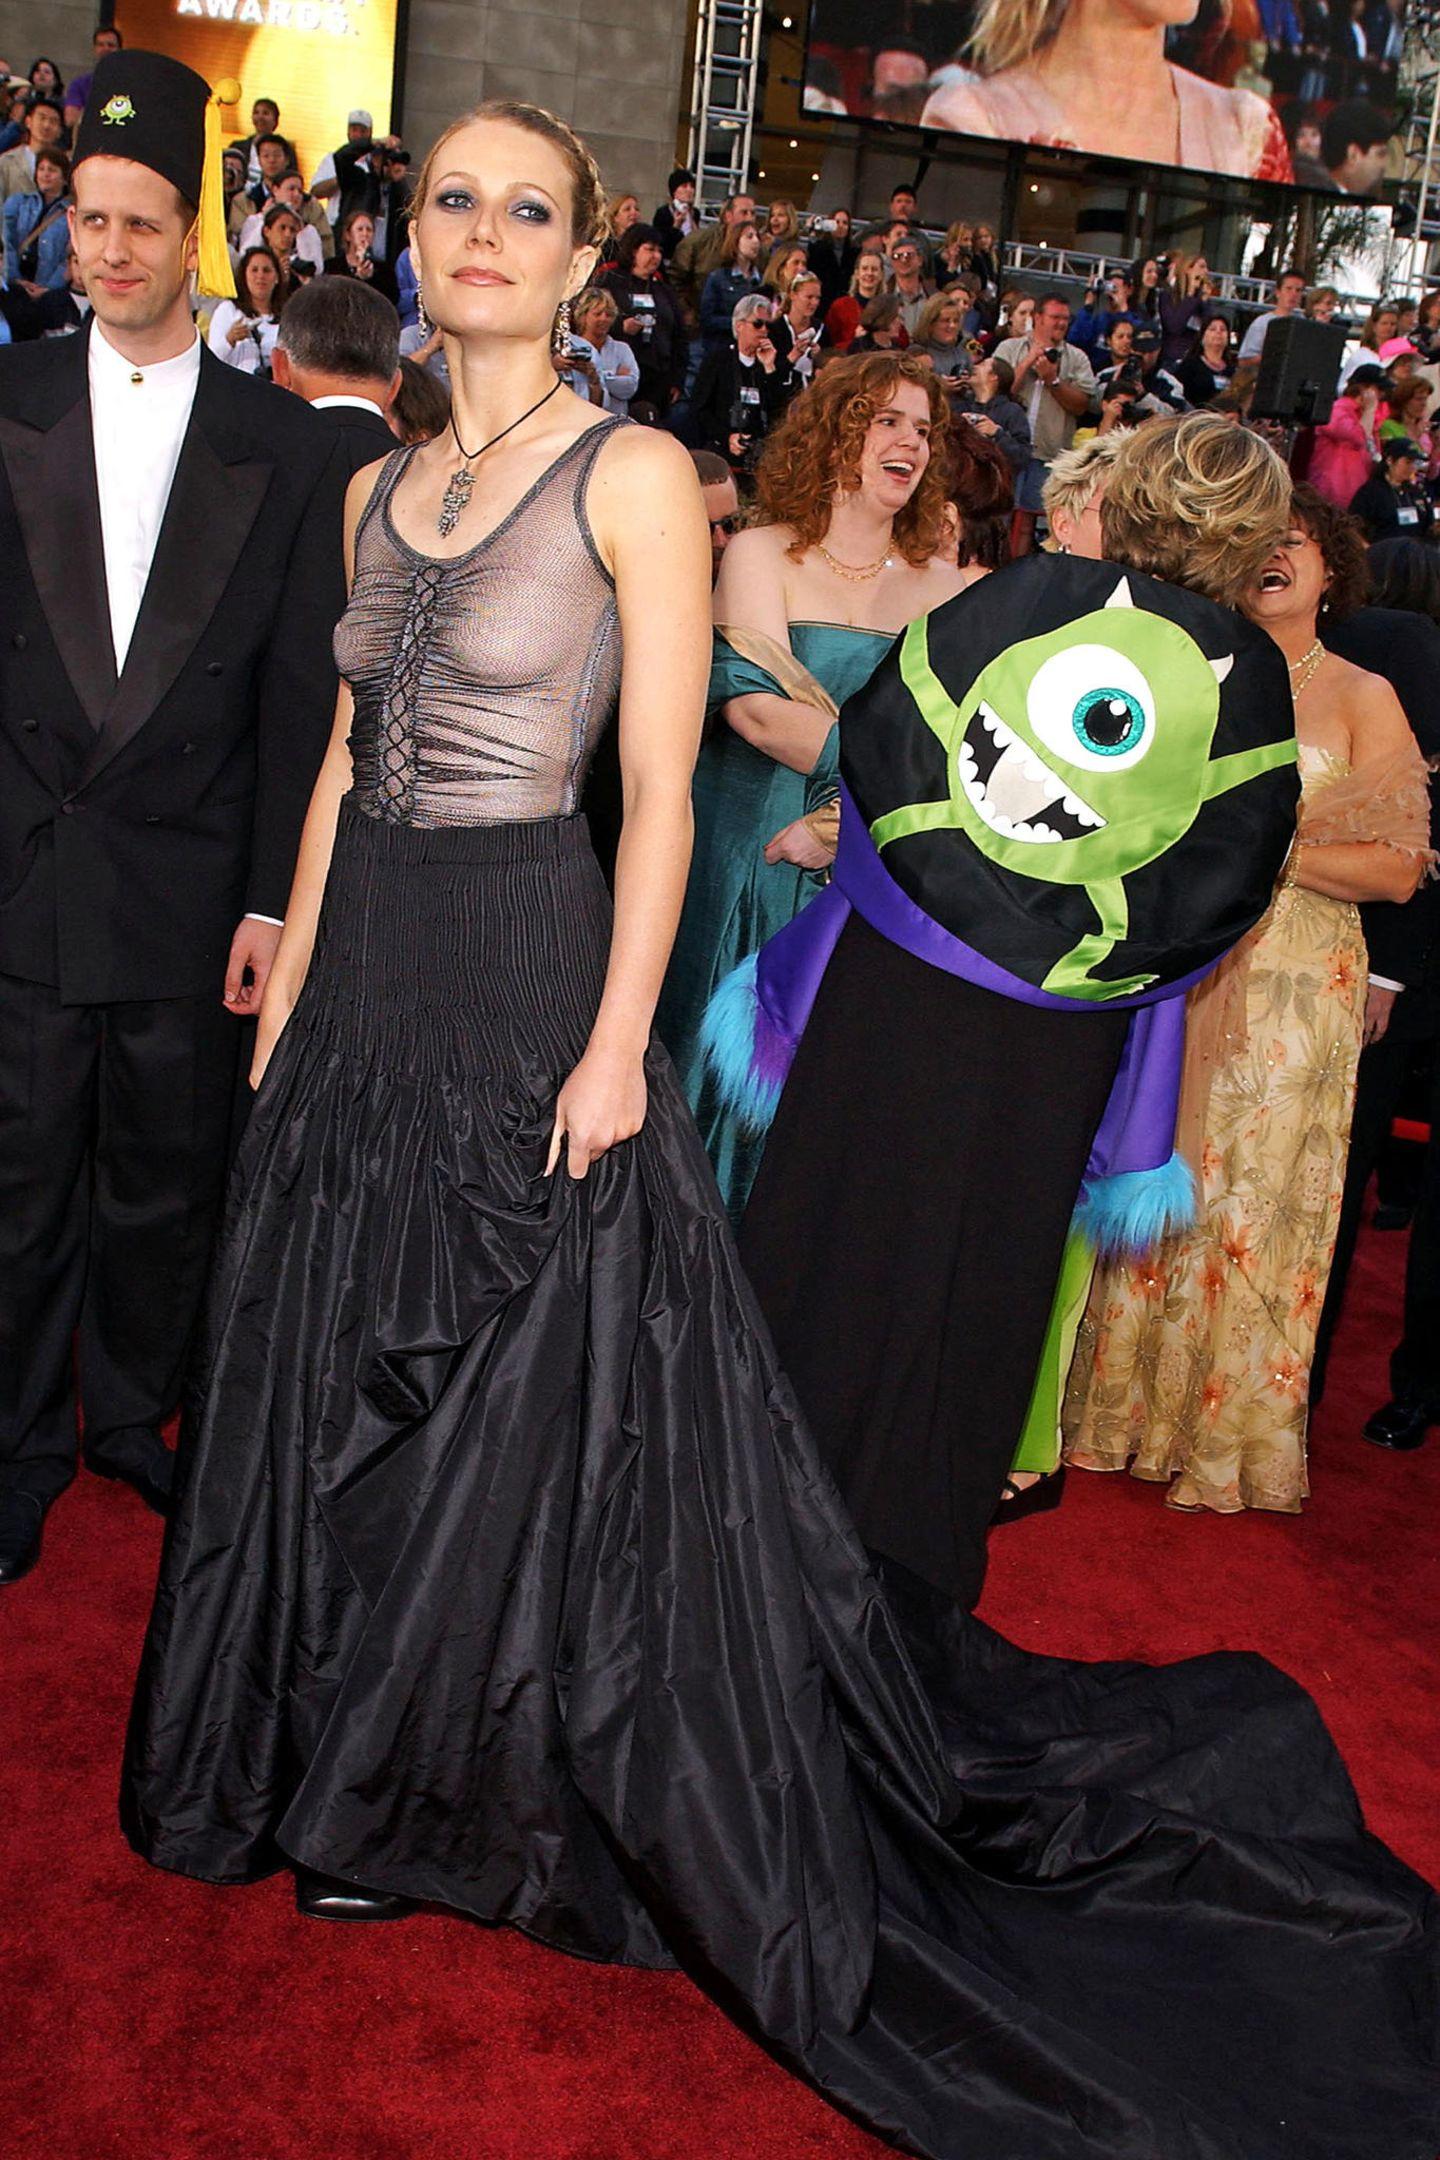 Schlimme Oscar-Looks: Gwyneth Paltrow 2002